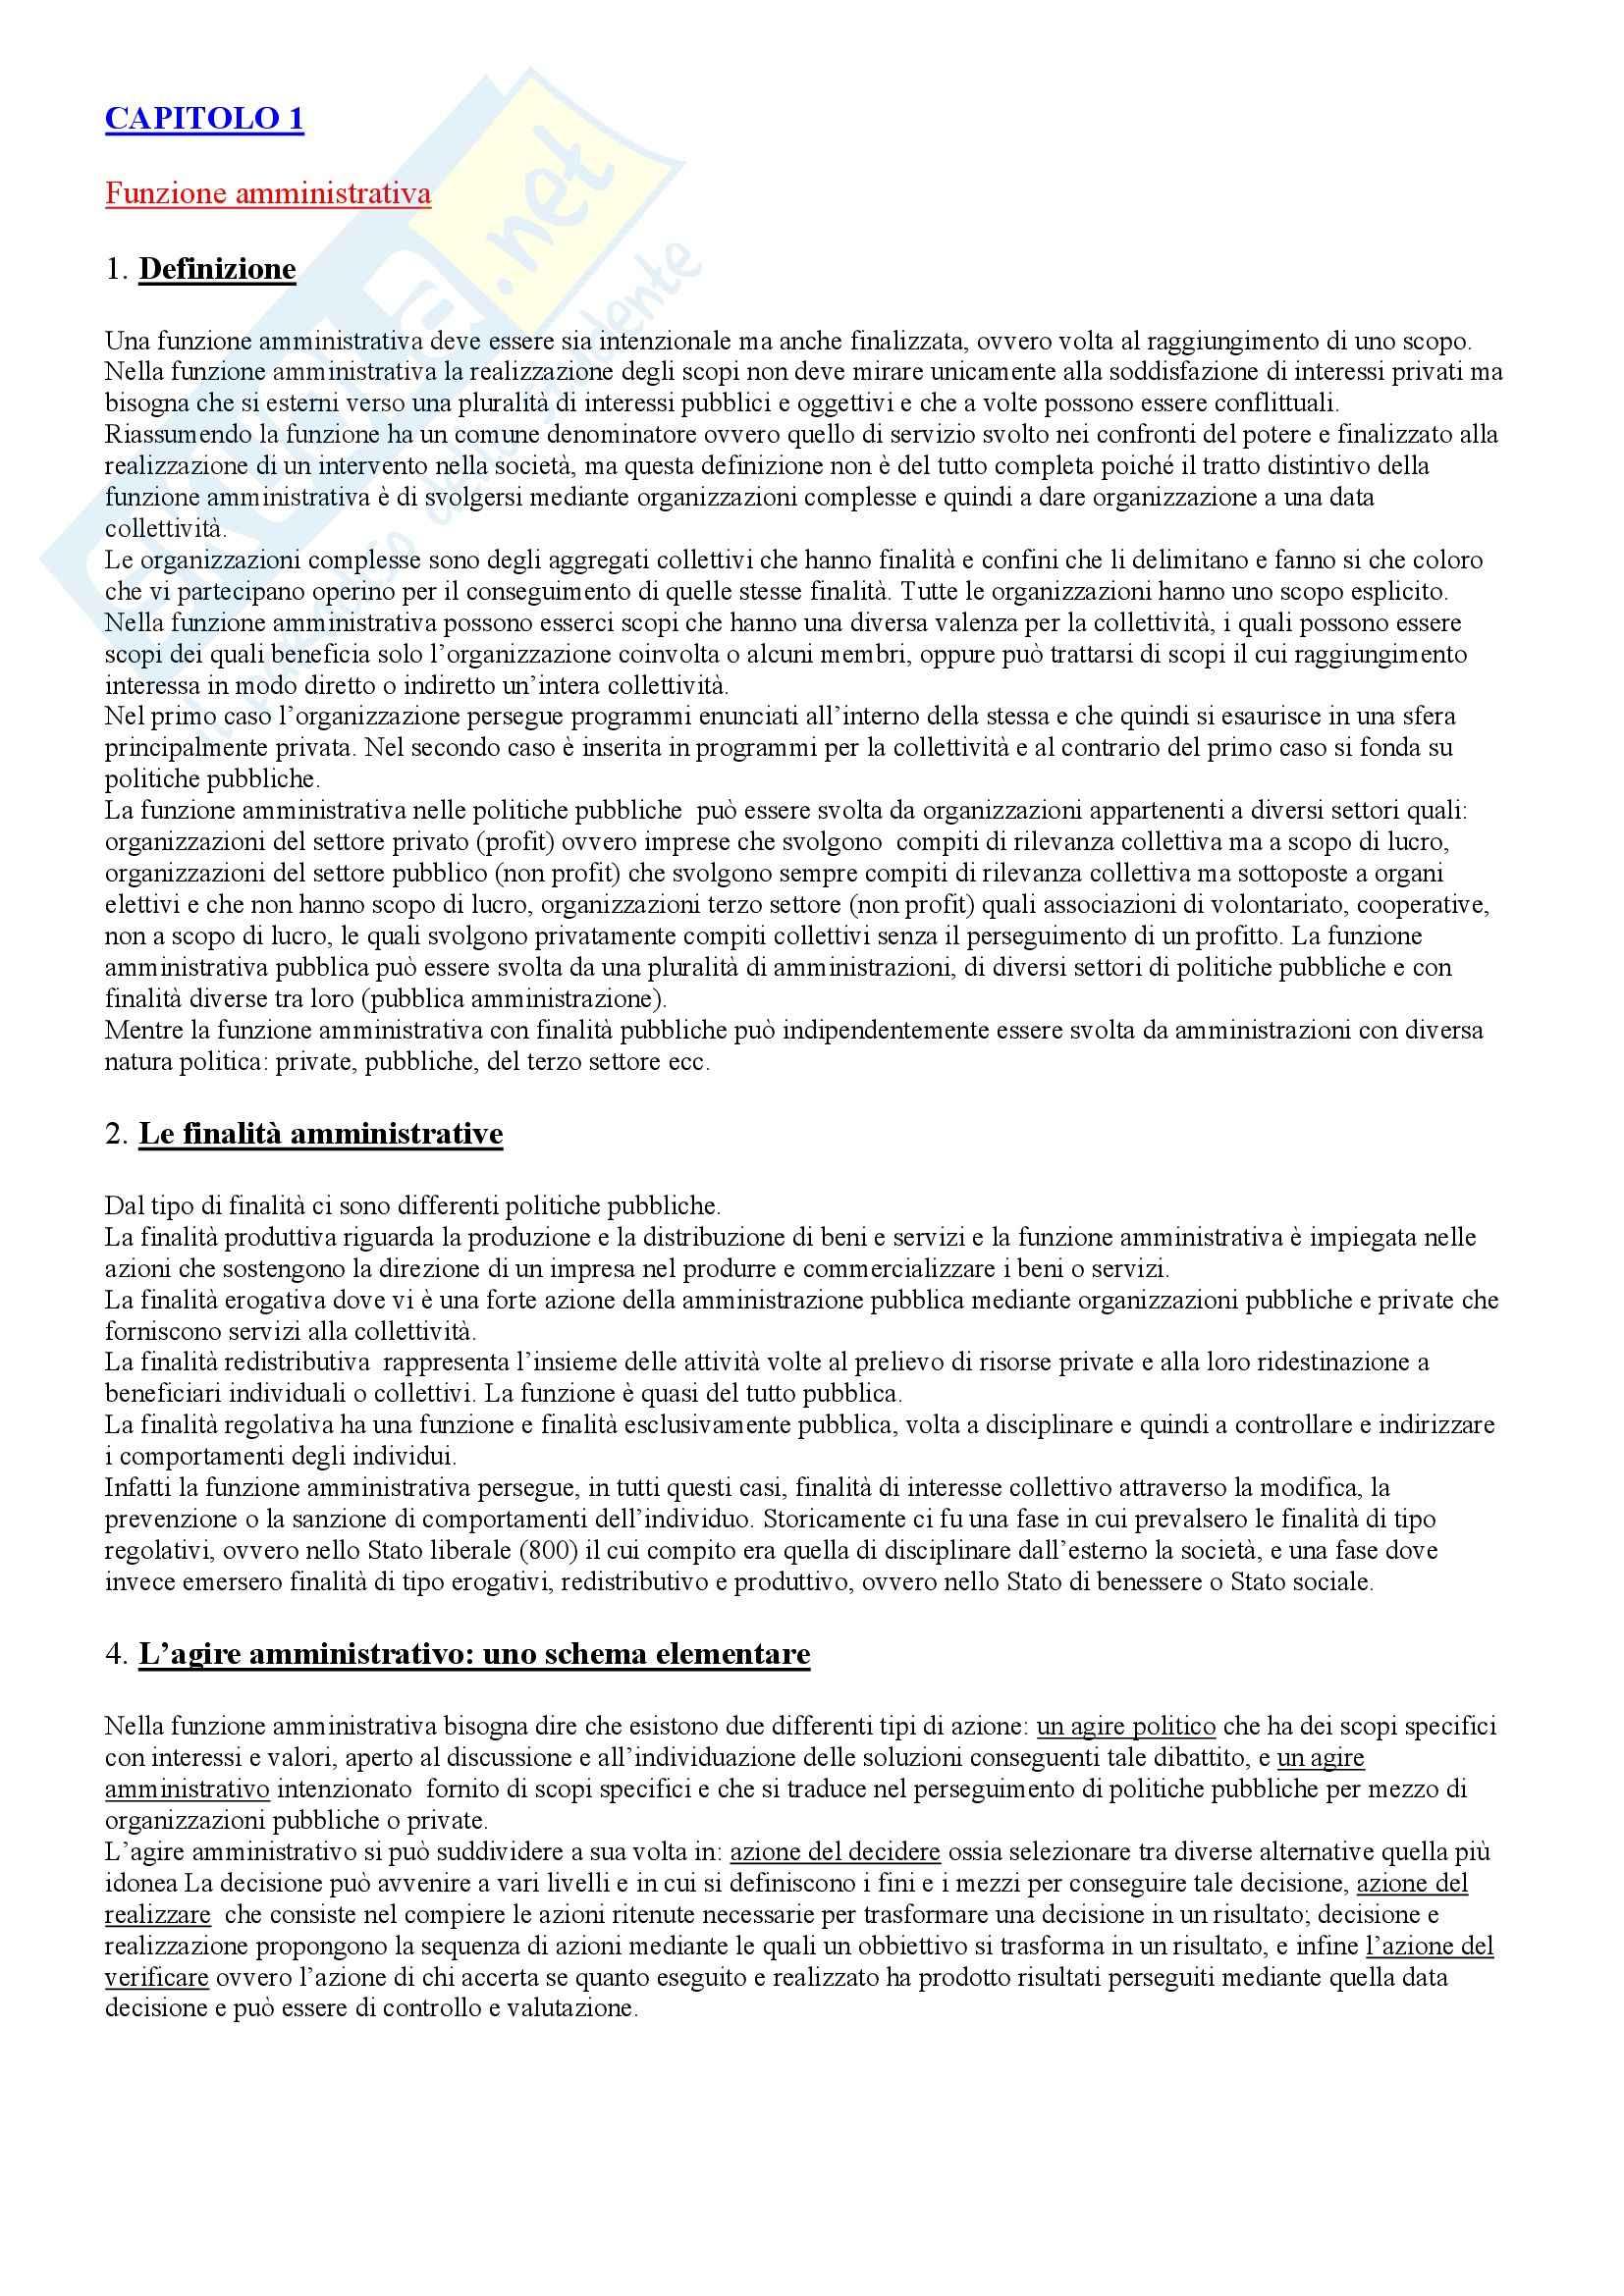 Scienza dell'amministrazione - Diritto amministrativo